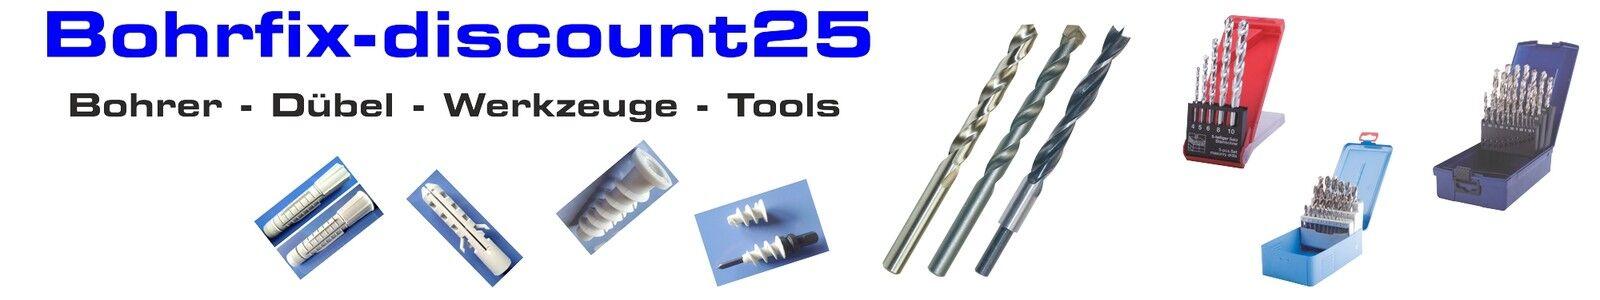 bohrfix-discount25